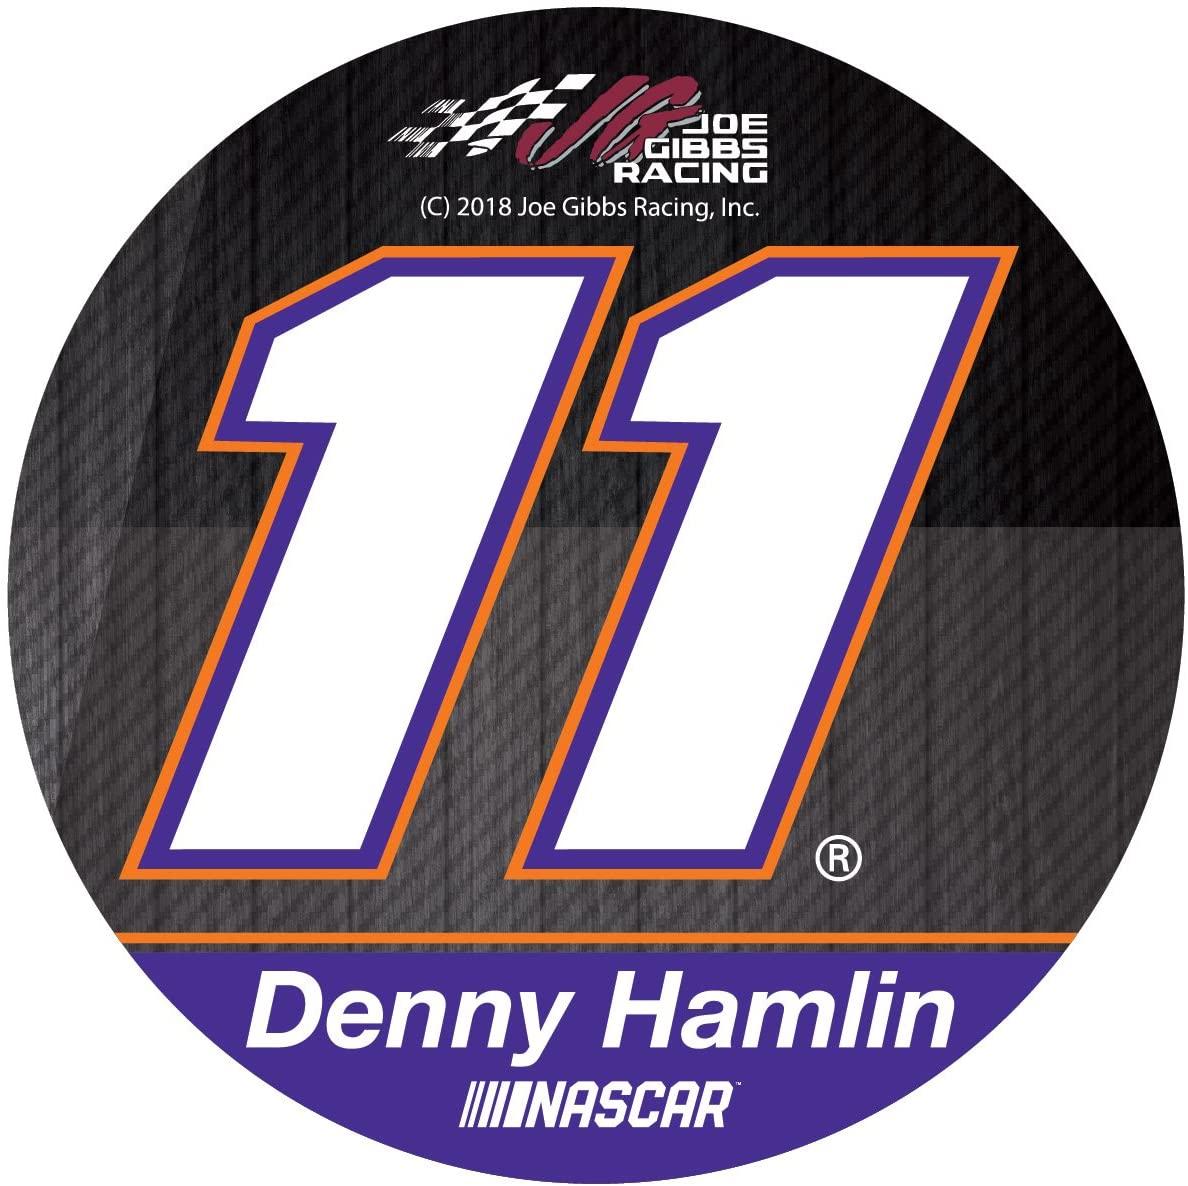 Denny Hamlin #11 NASCAR 4